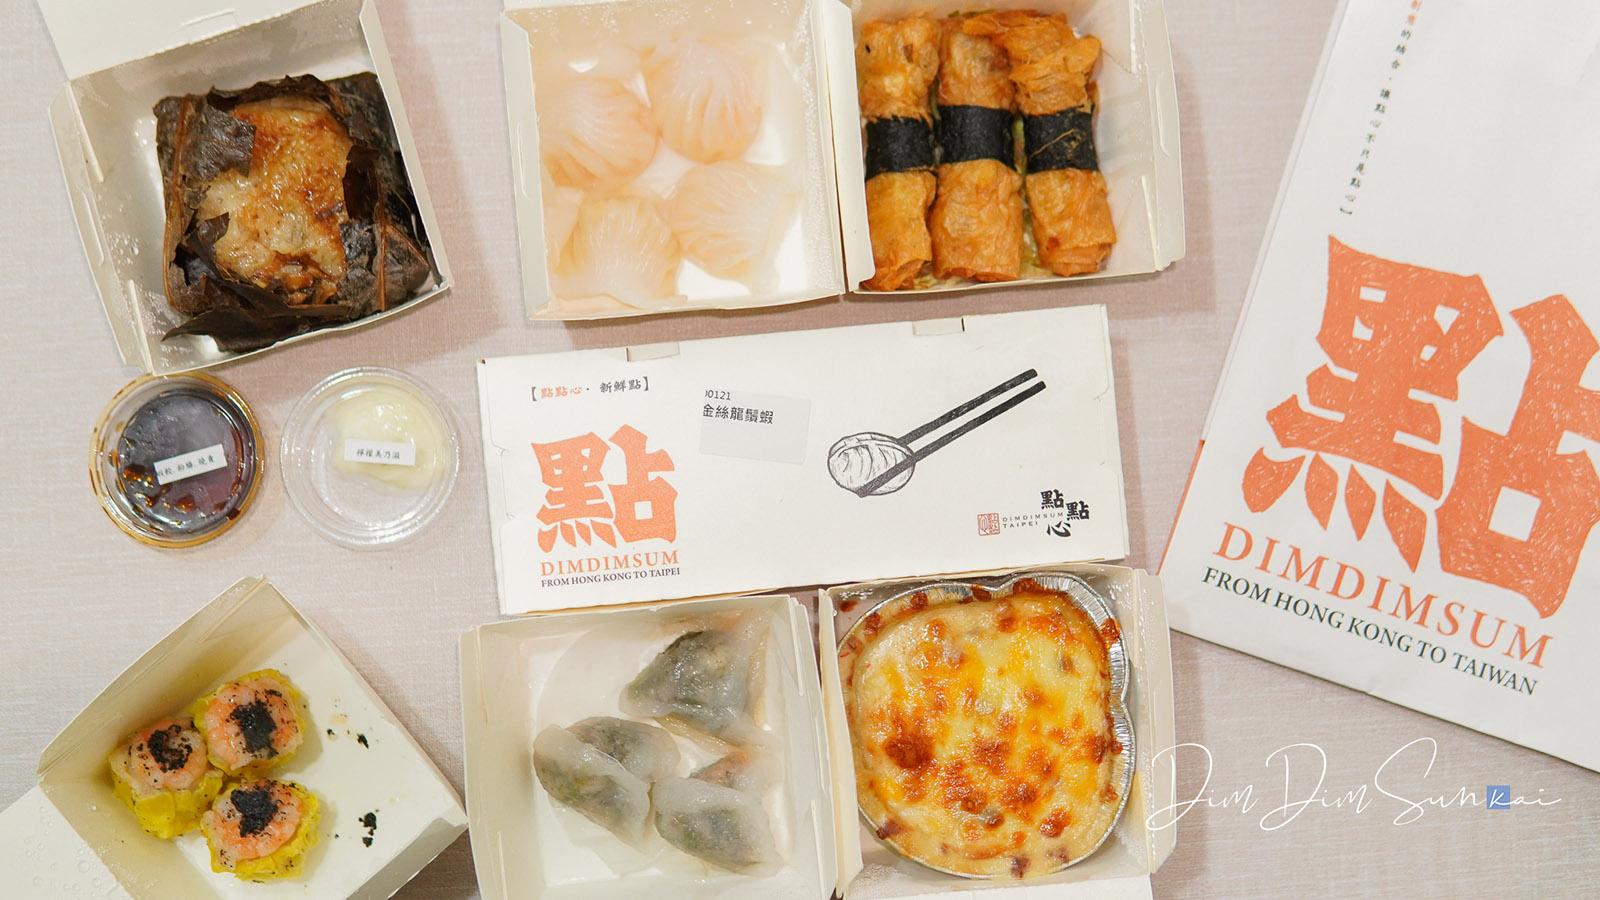 ☆【台北|市政府站】點點心微風信義店開箱。外帶口味老實說 @凱的日本食尚日記